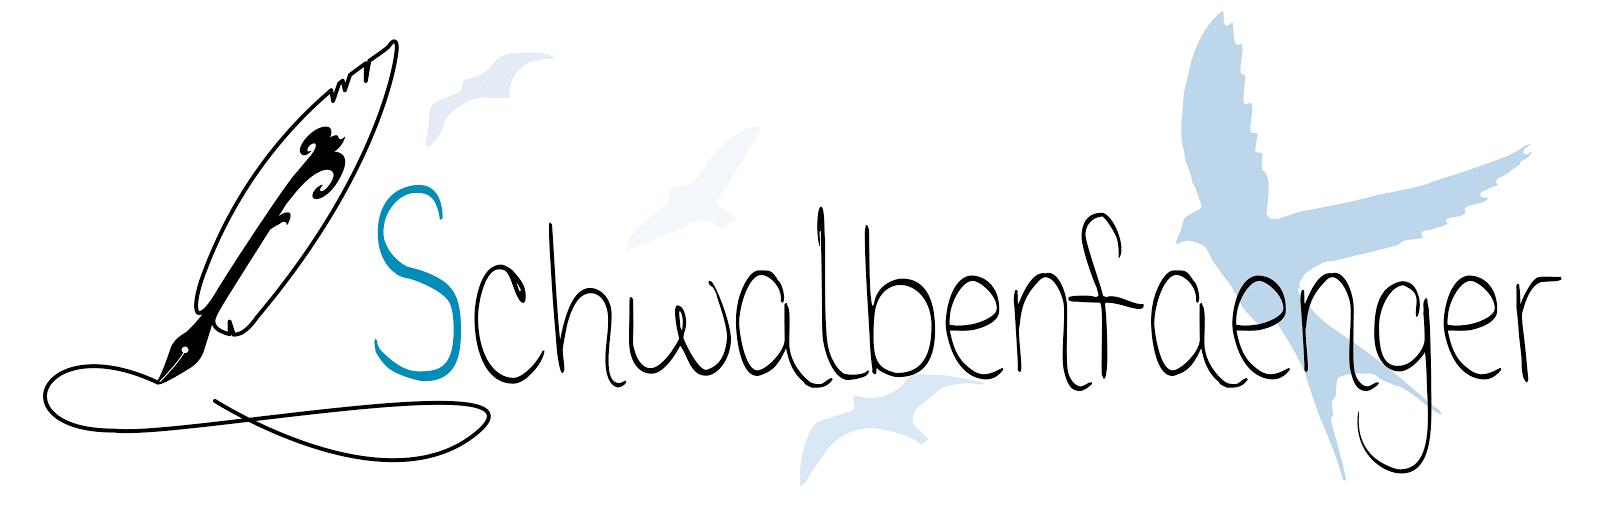 Schwalbenfaenger